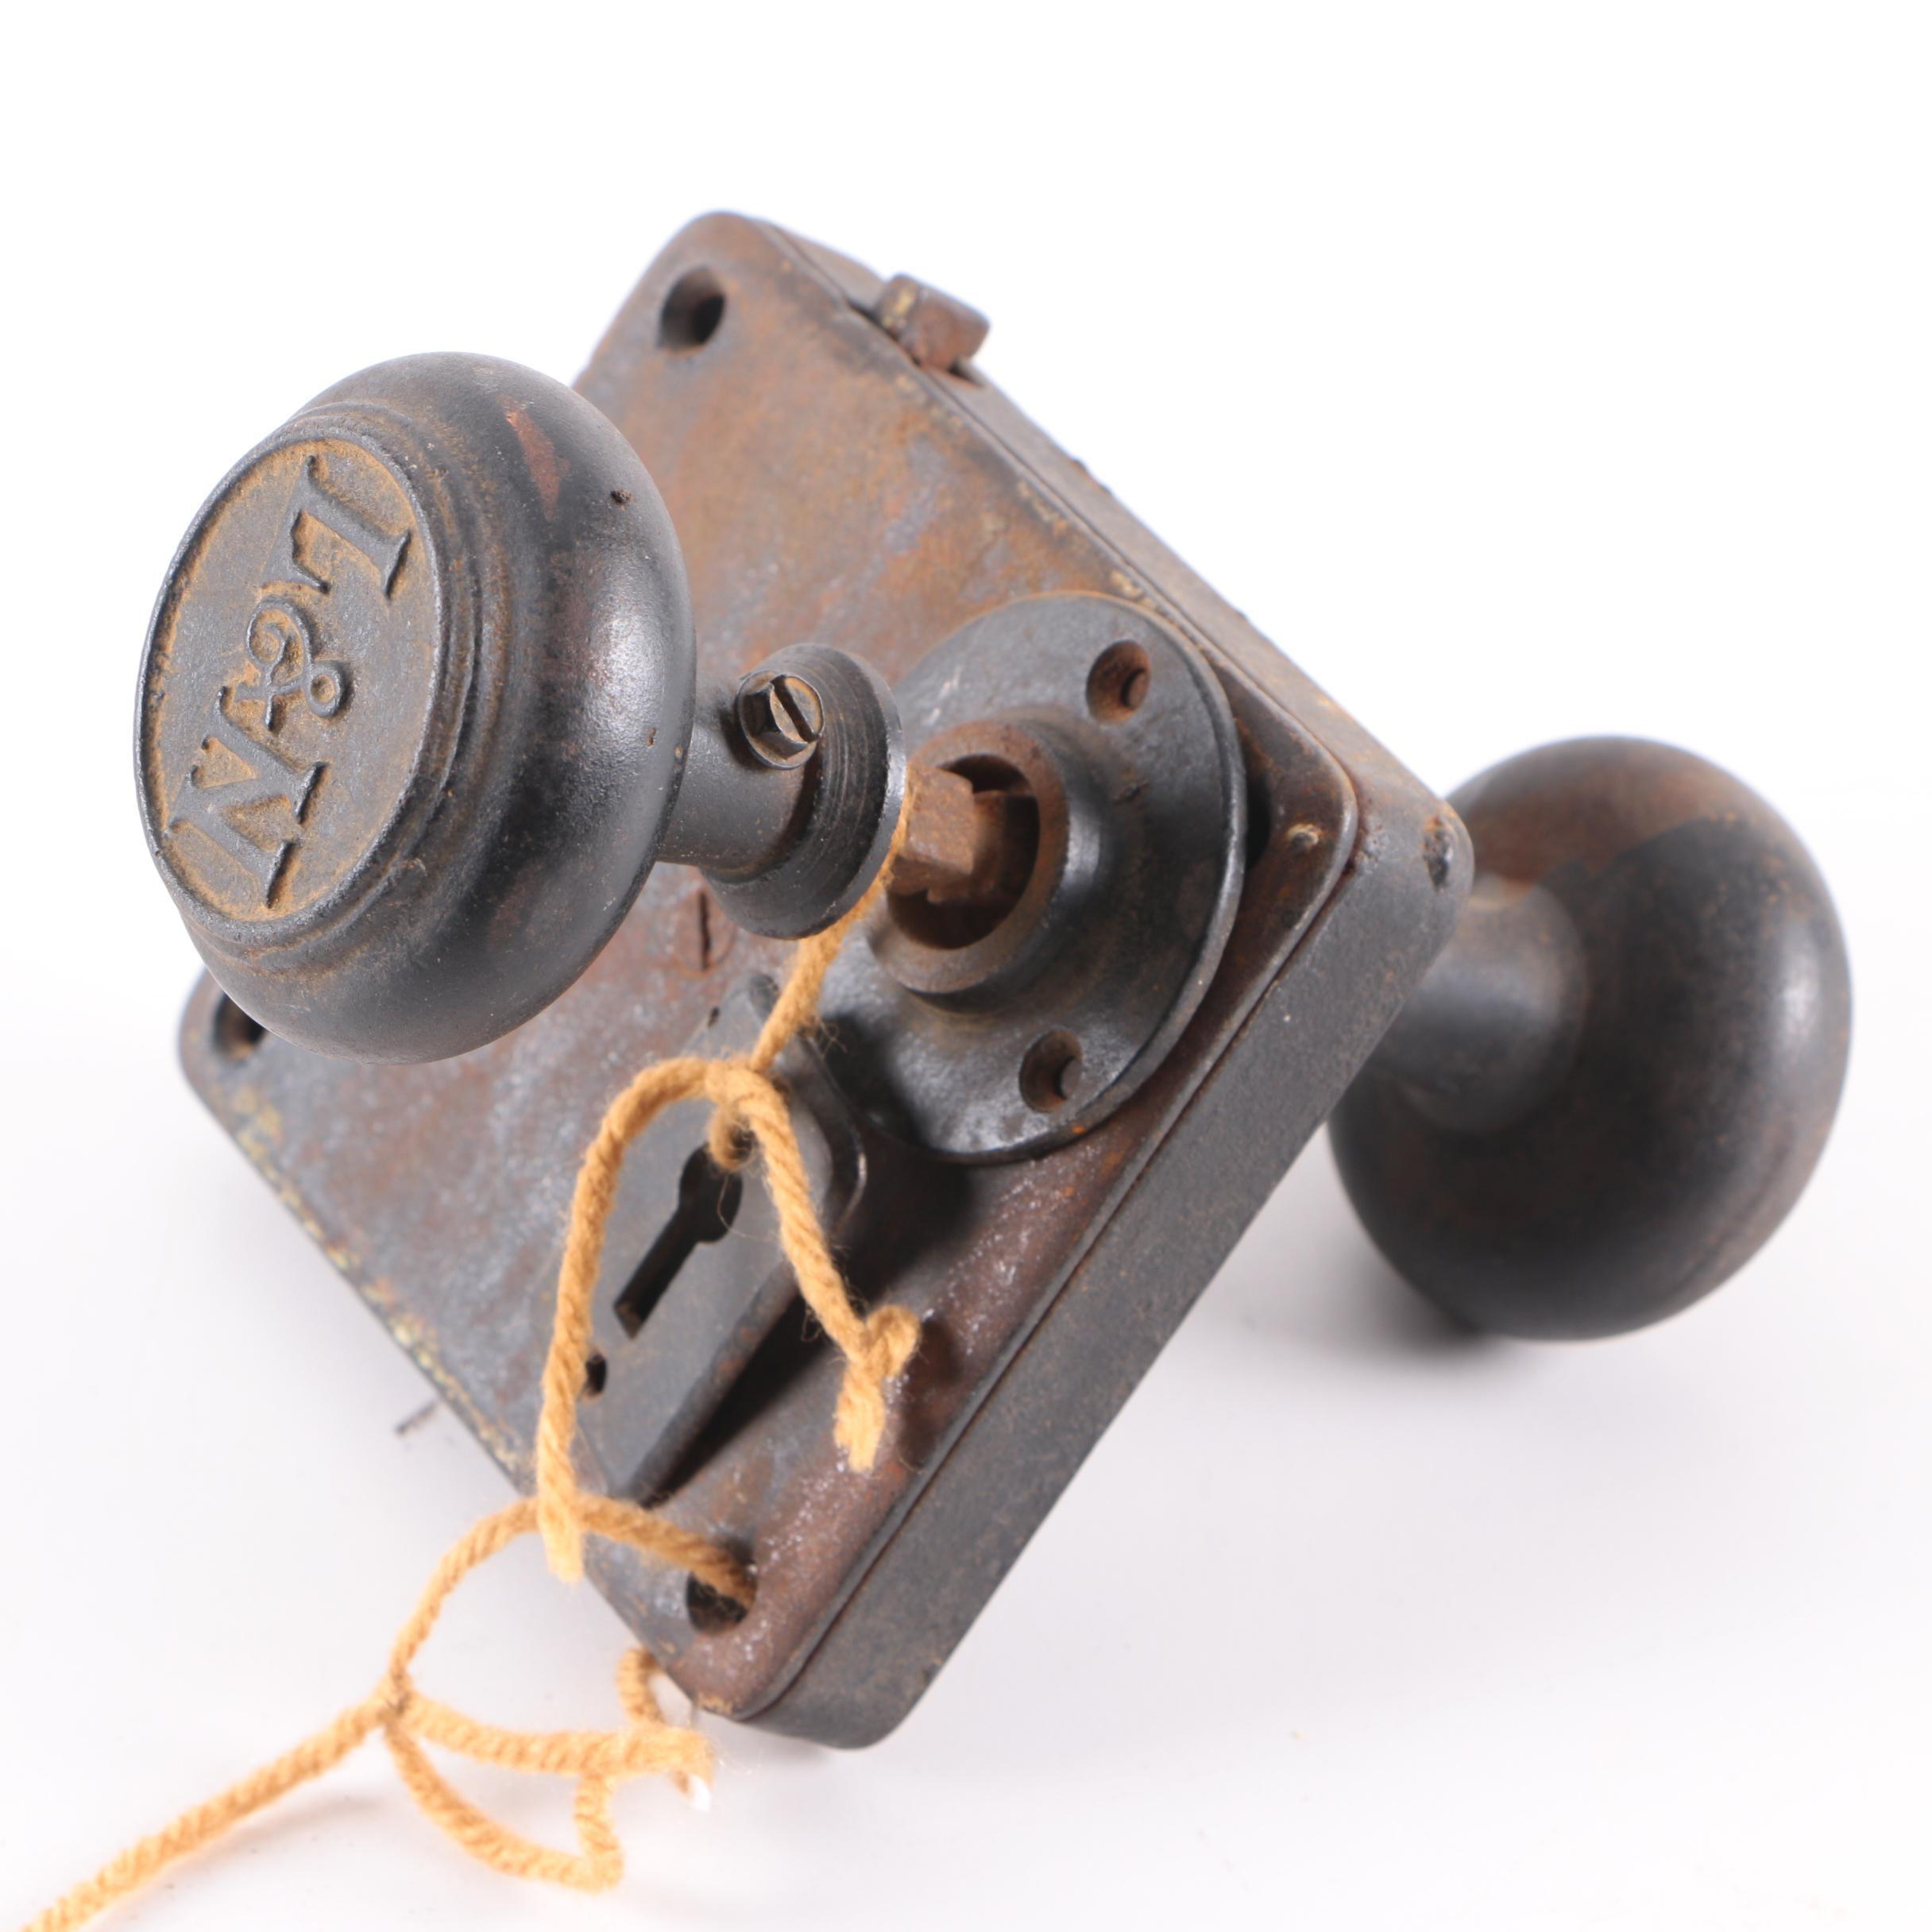 Antique L&N Railroad Doorknob and Rim Lock Set